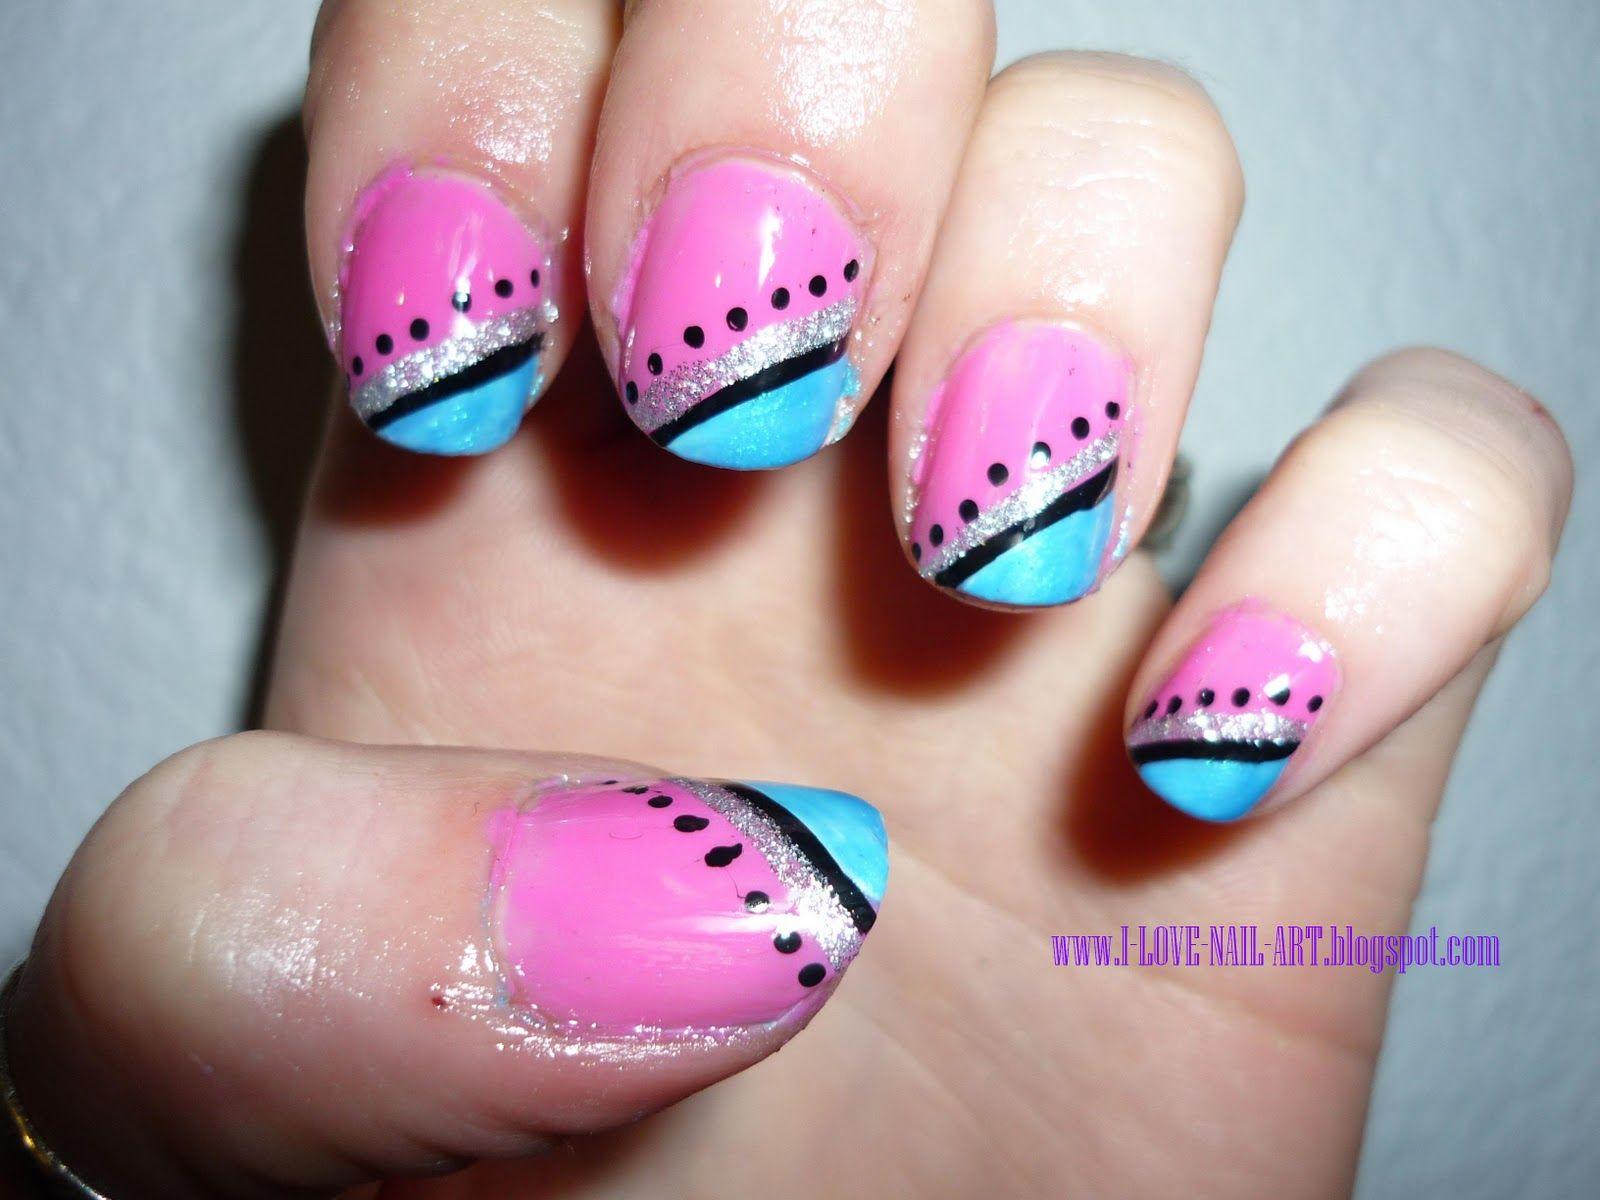 cute nail art designs for short nails nail designs on blog online - Nail Design Ideas For Short Nails